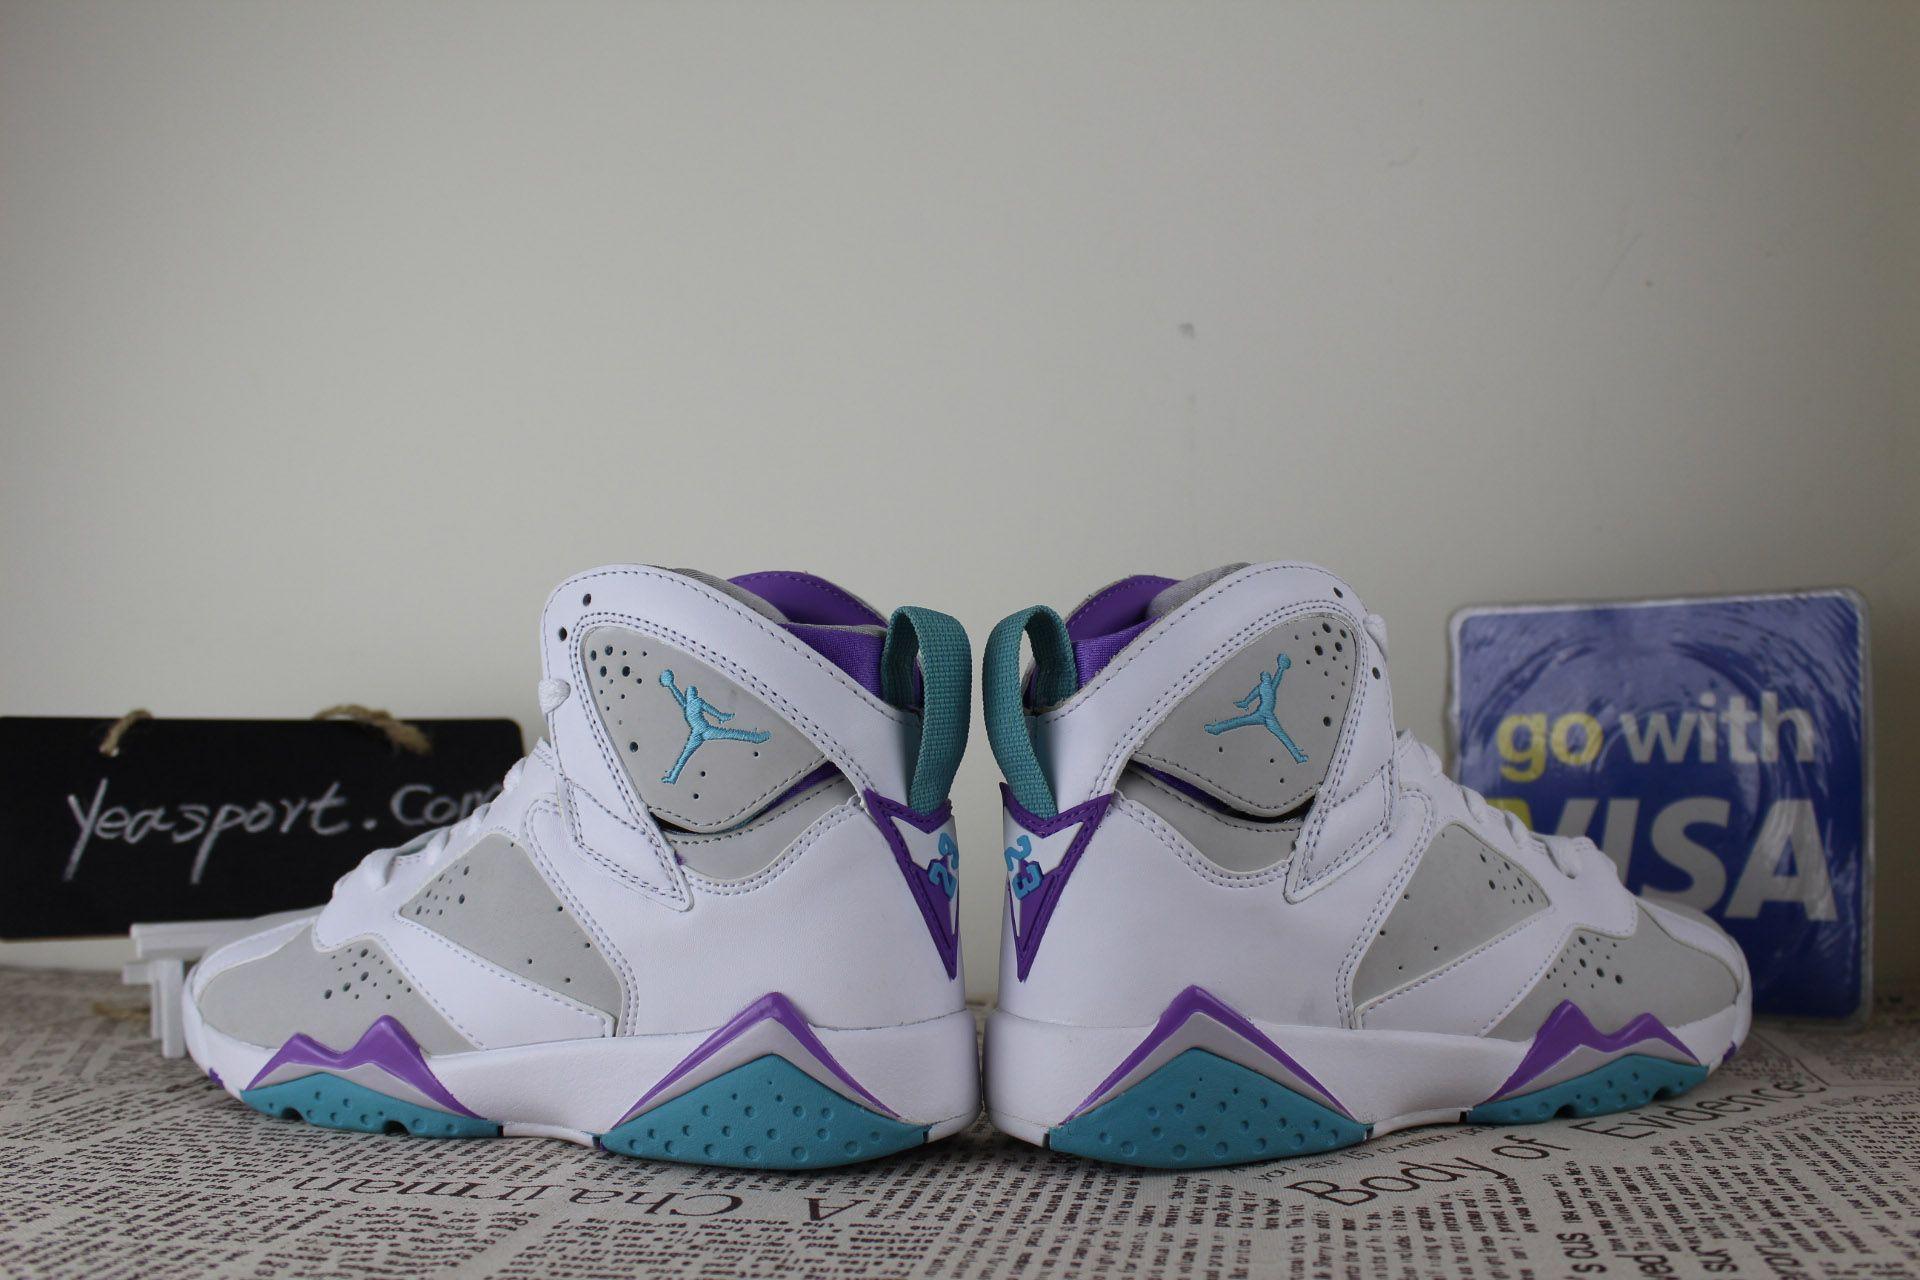 separation shoes 2863a a5b0b Air Jordan 7 Retro Easter GS